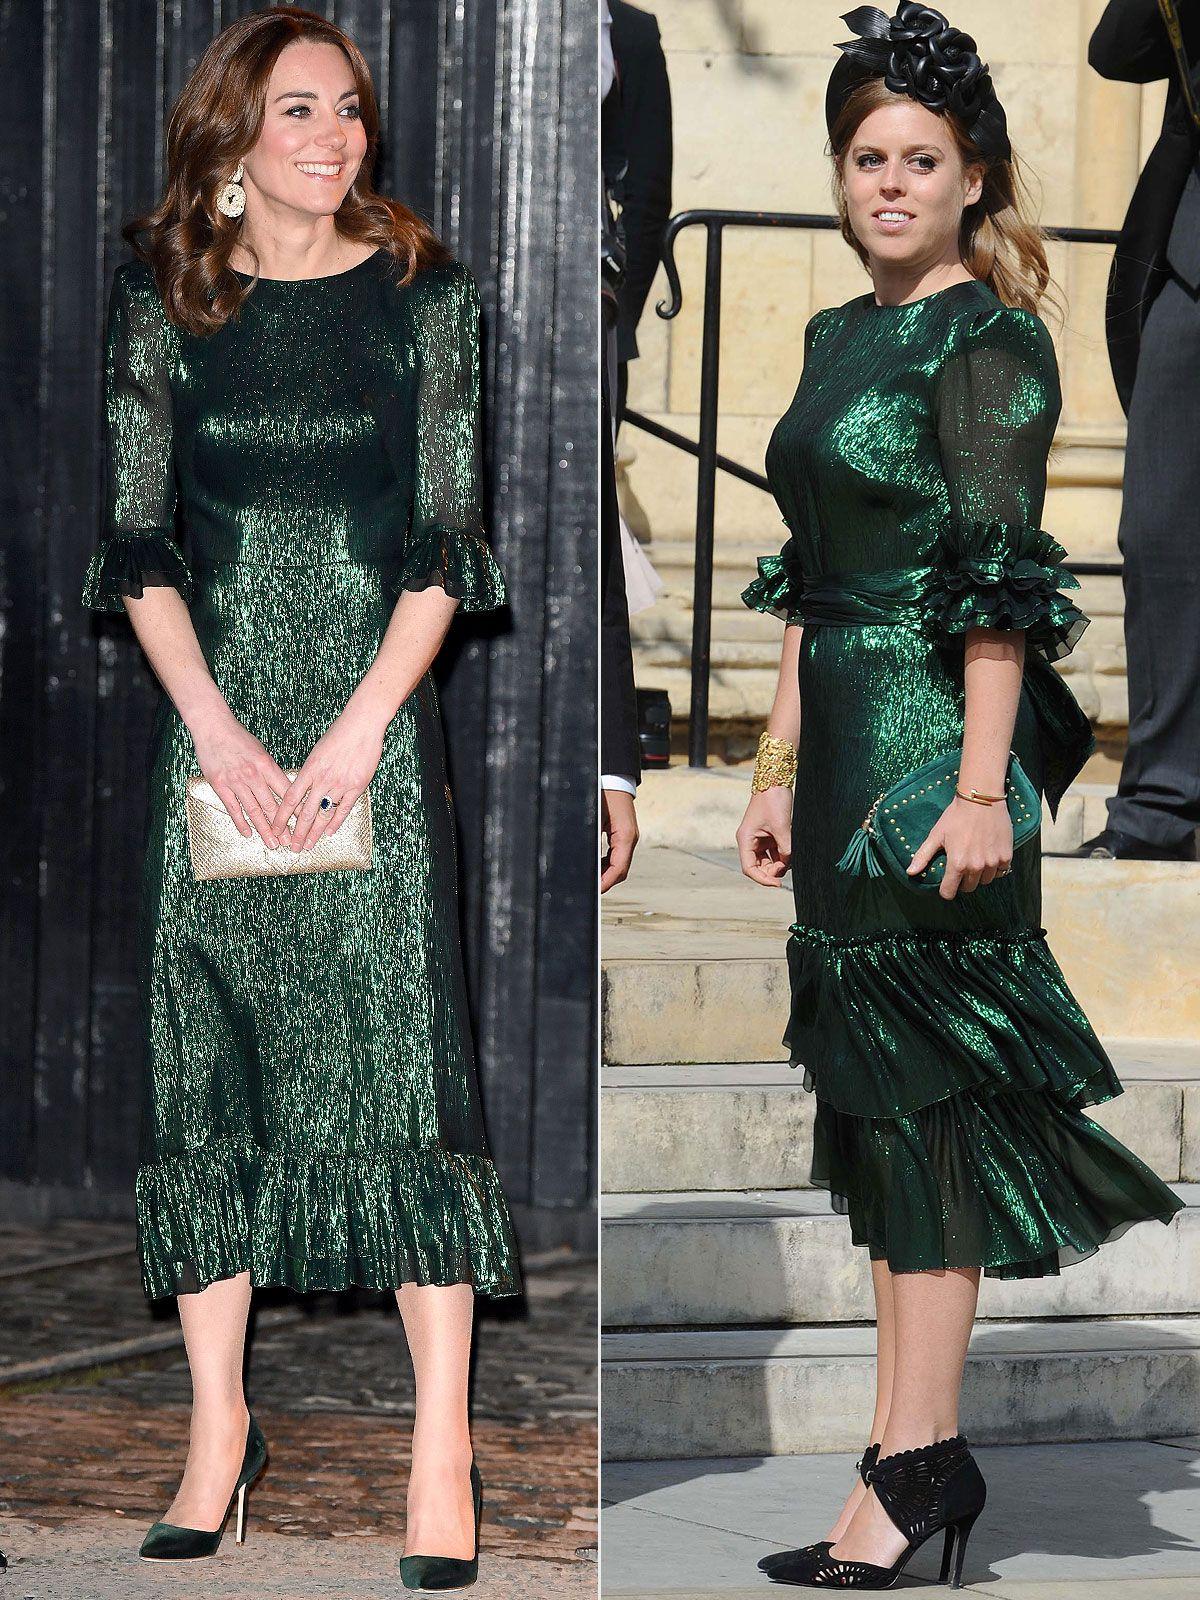 Royal Inspiration! Kate Middleton Wears Metallic Dress